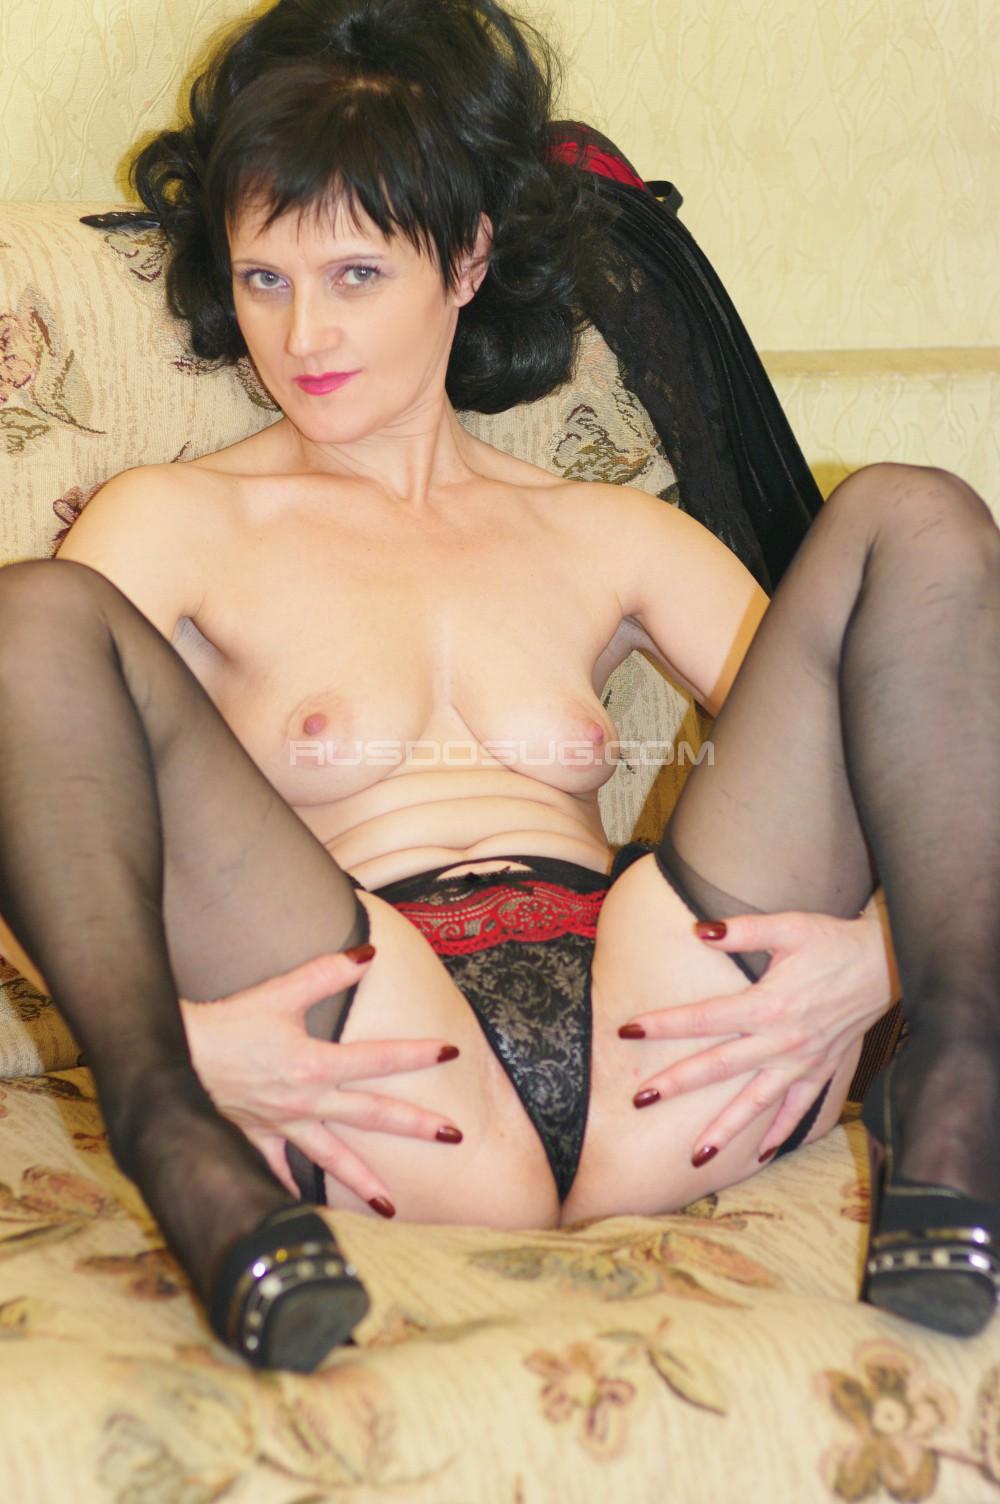 проститутки питера проверенные фото